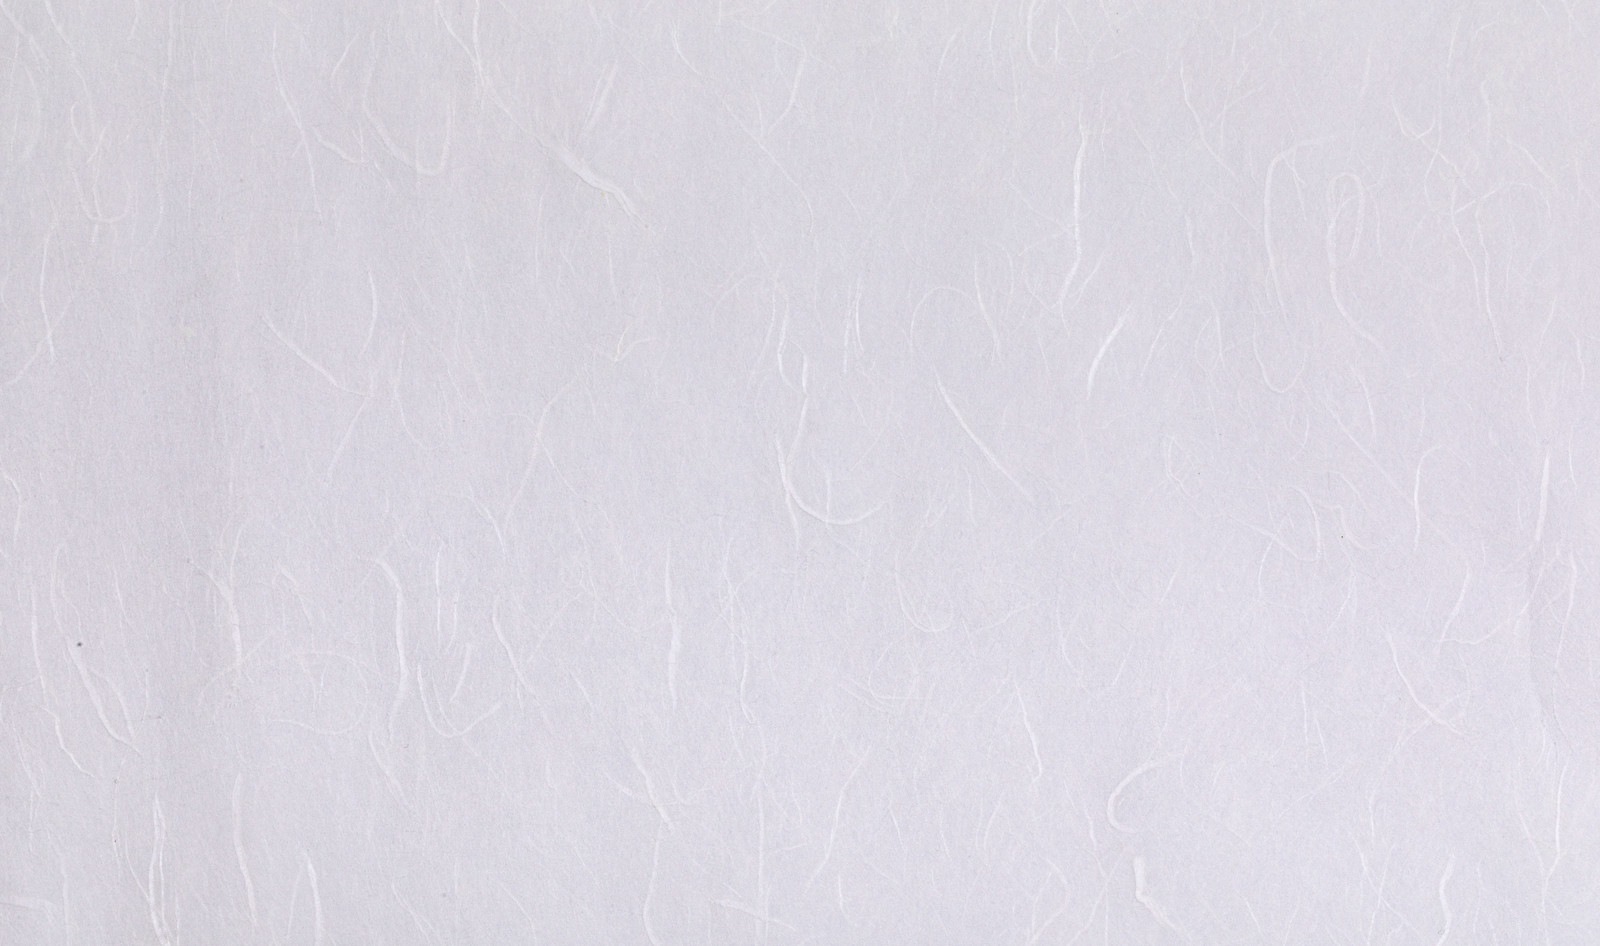 「白い繊維の和紙(テクスチャ)」の写真